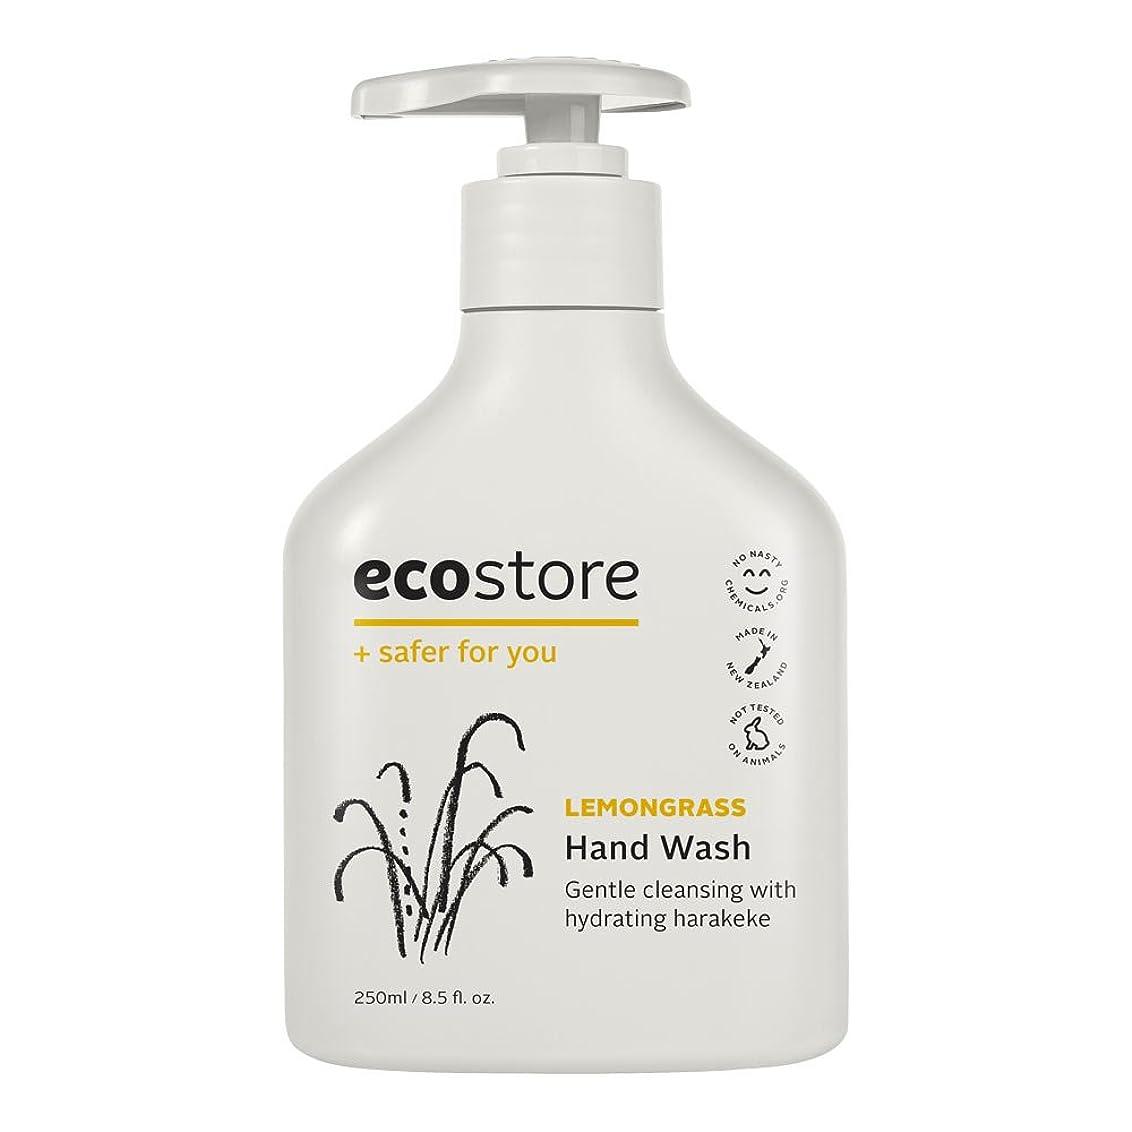 ソフトウェア情報集団ecostore(エコストア) ハンドウォッシュ 【レモングラス】 250mL 液体タイプ